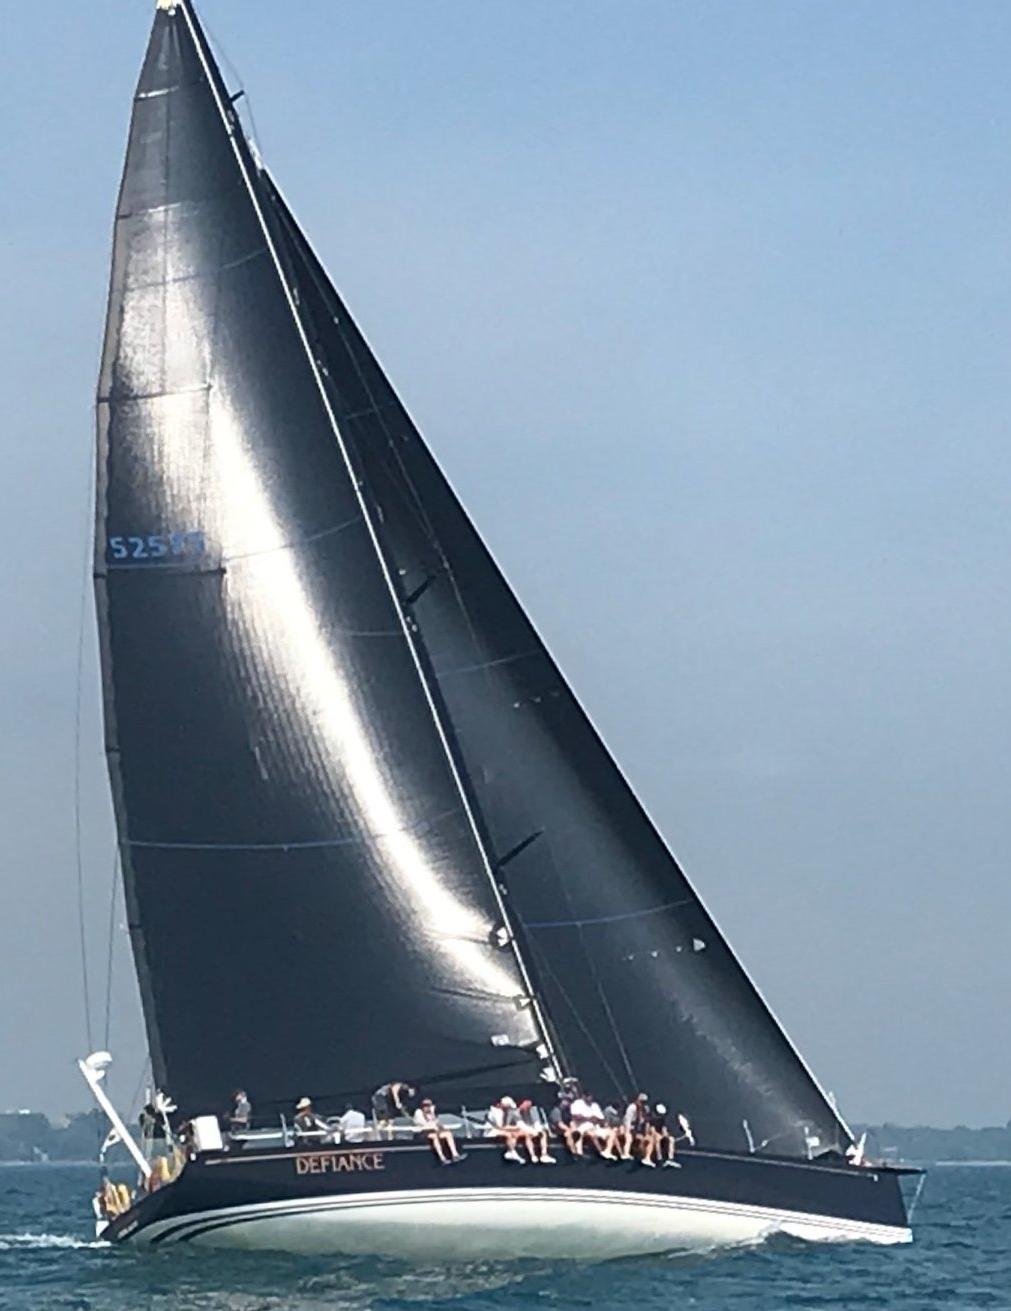 DEFIANCE under sail.